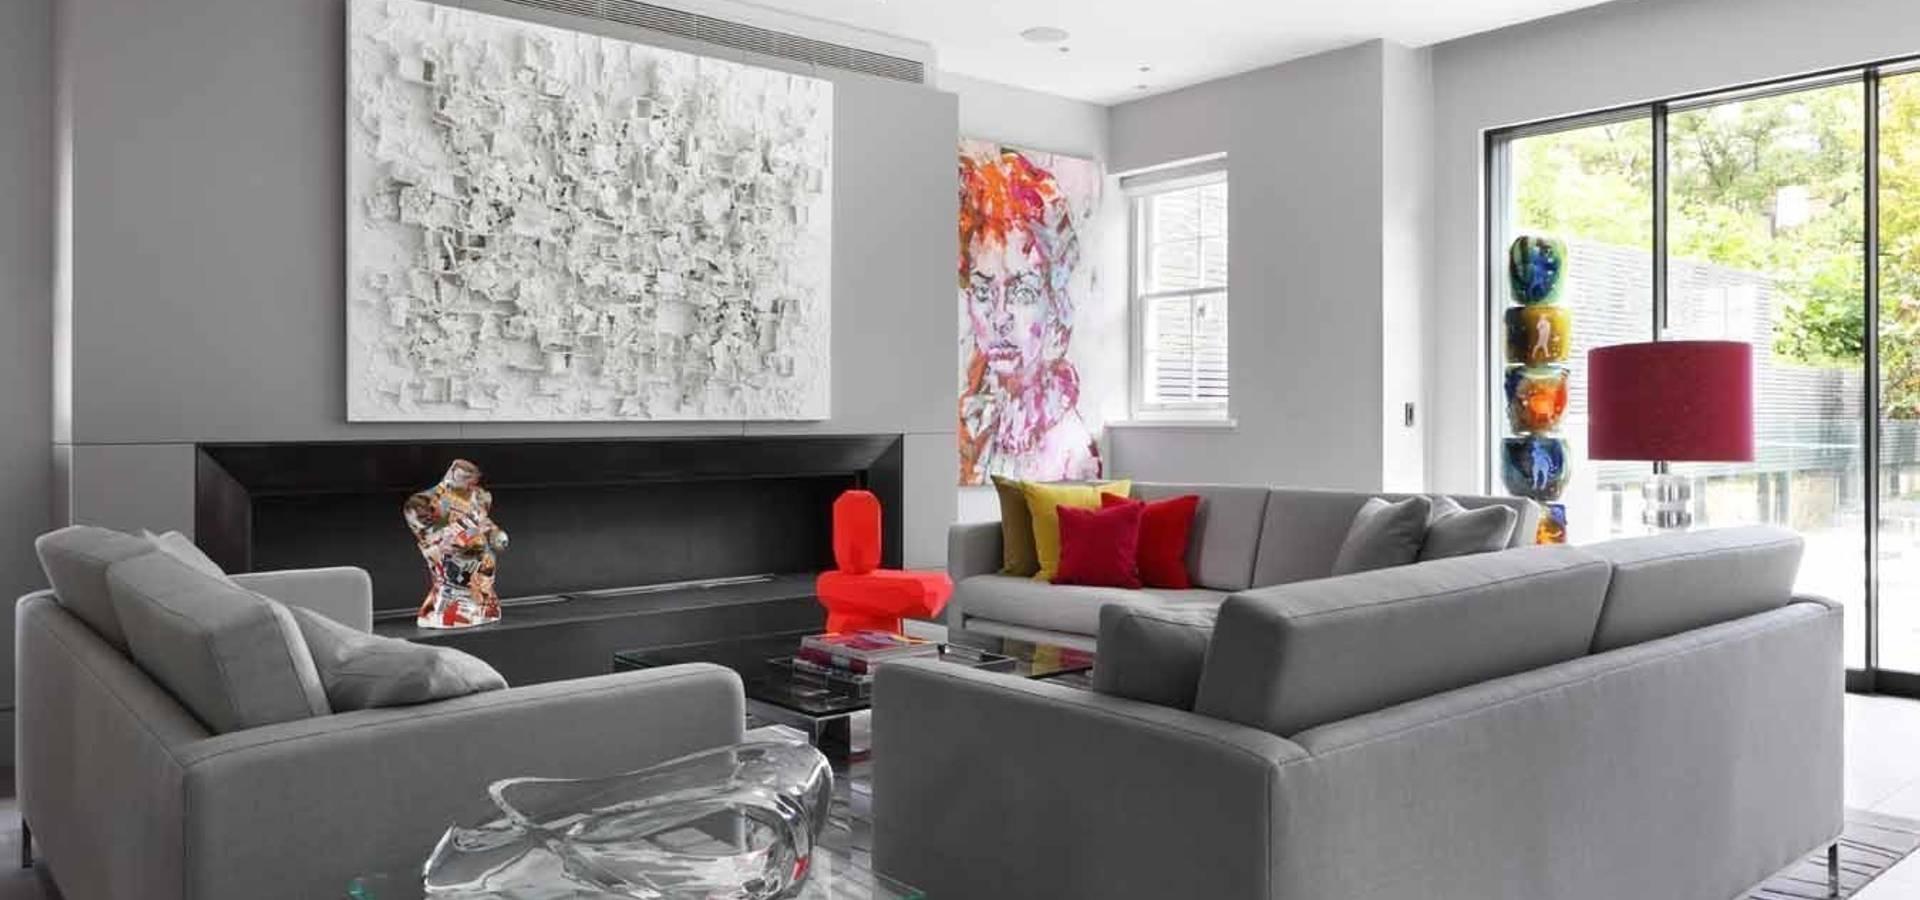 Iggi Interior Design: Innenarchitekten in Surrey | homify